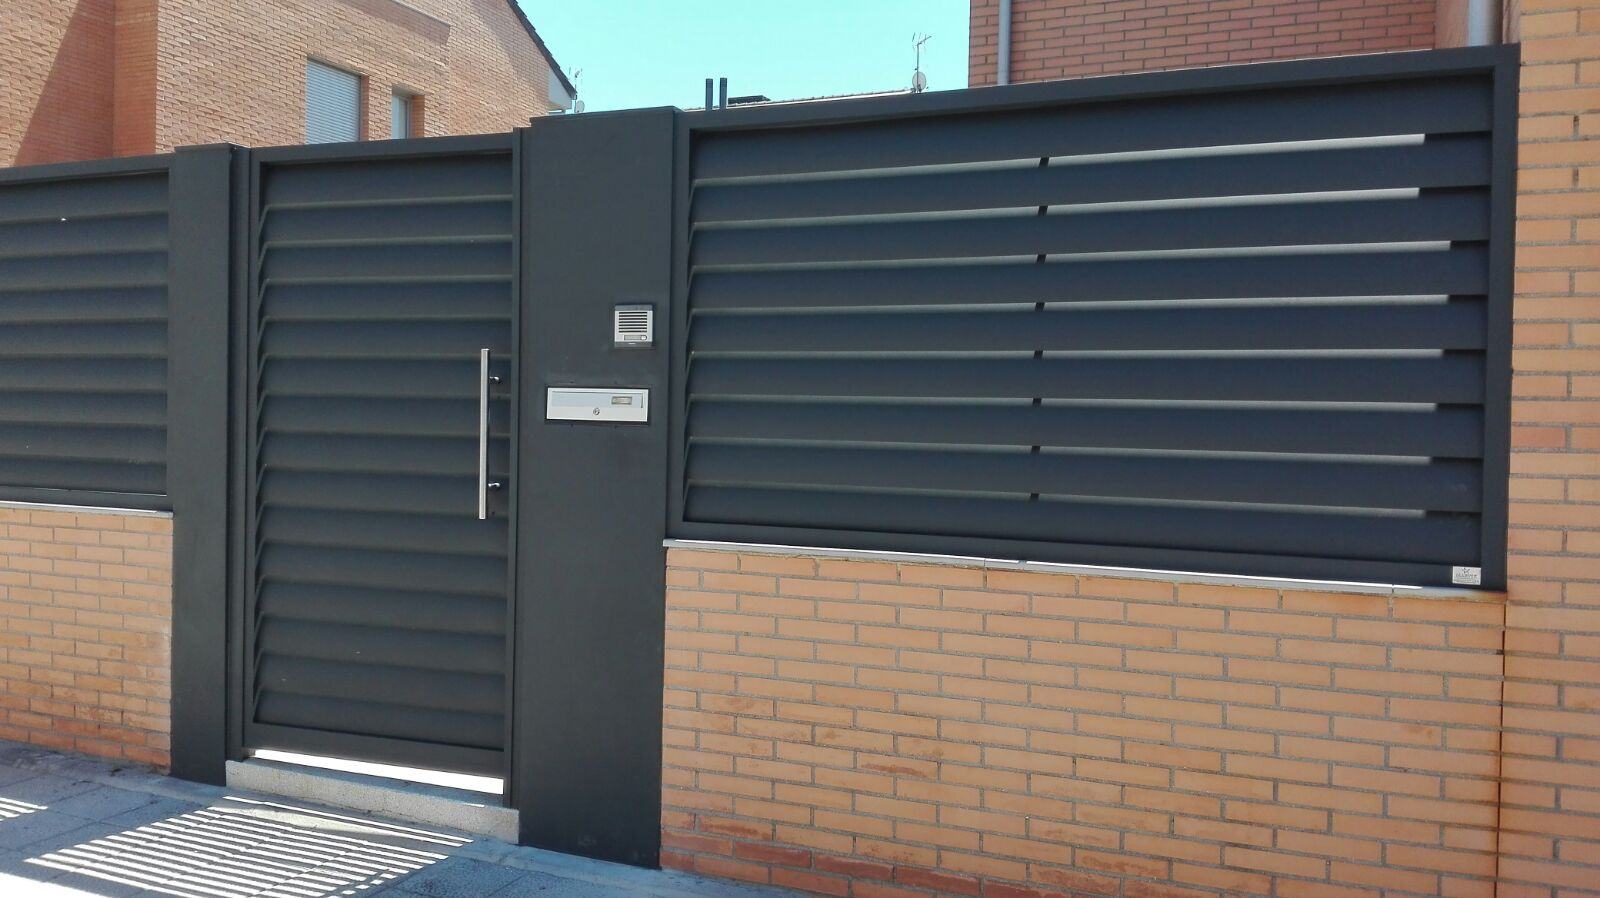 Vallas y celos as frampe cerramientos de aluminio pvc - Puertas para vallas ...